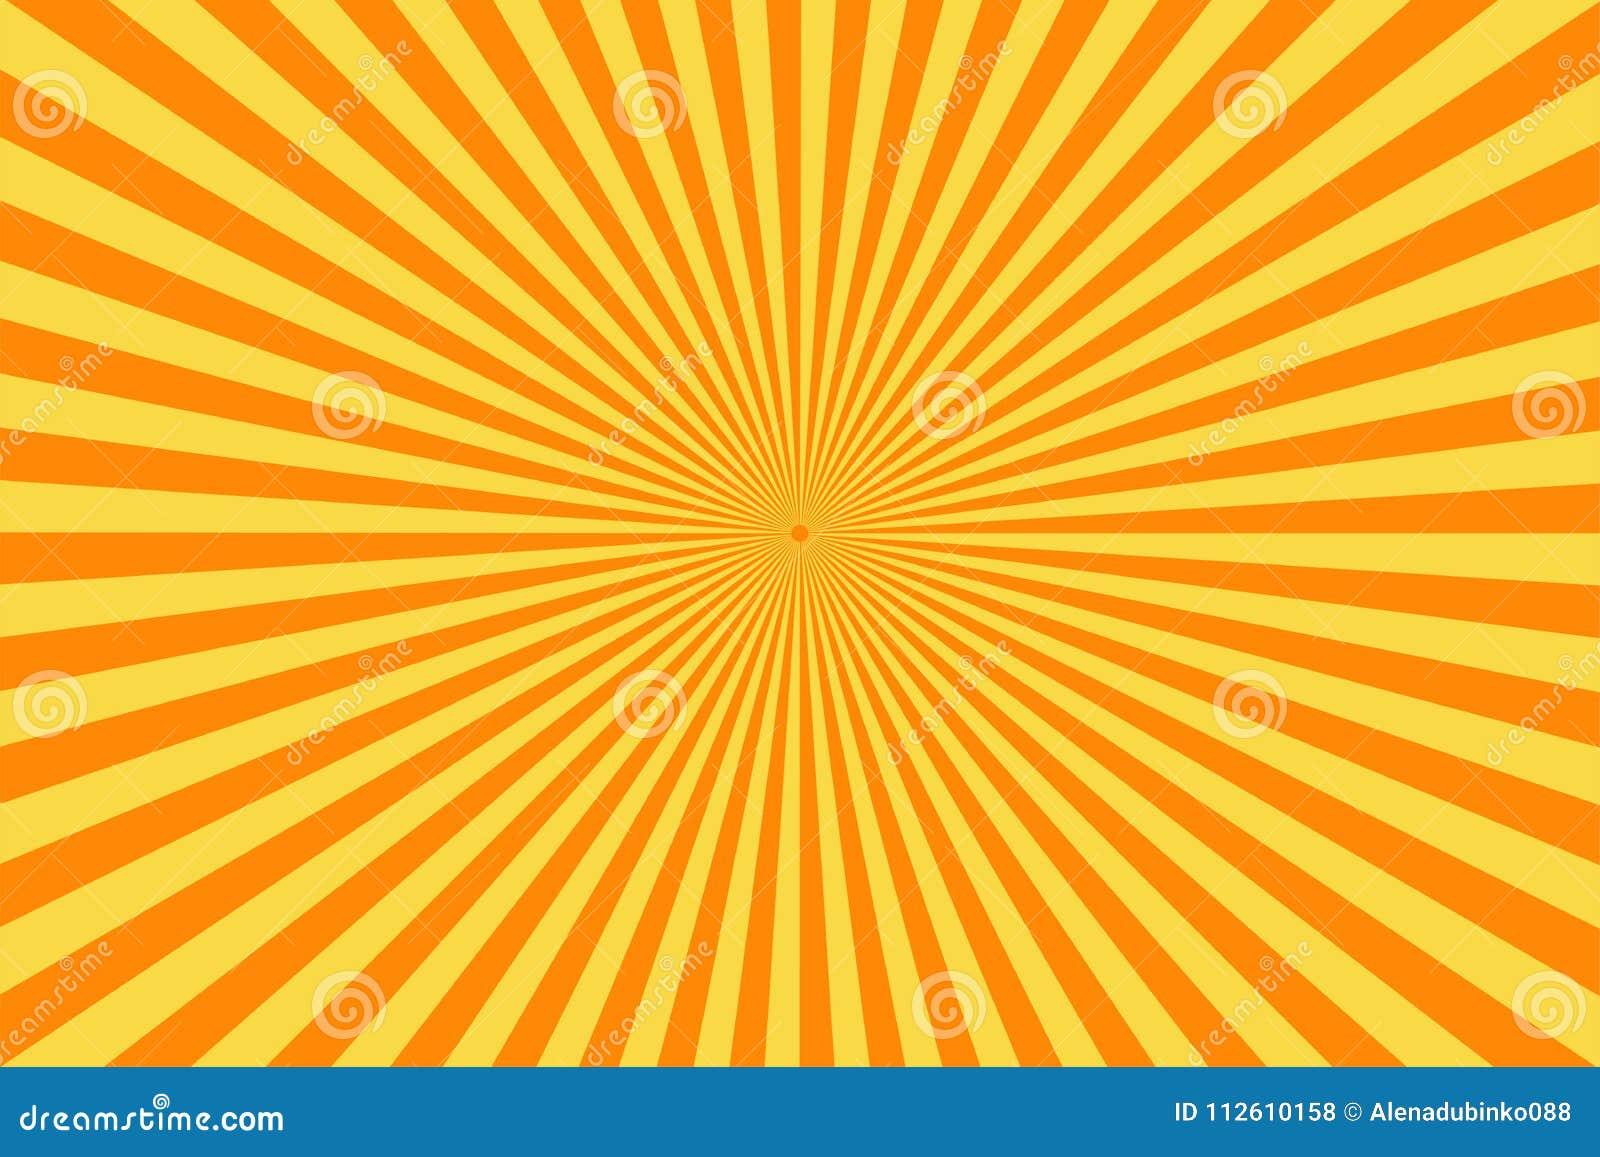 Fundo retro da banda desenhada Raios amarelos do sol do vintage estilo do pop art